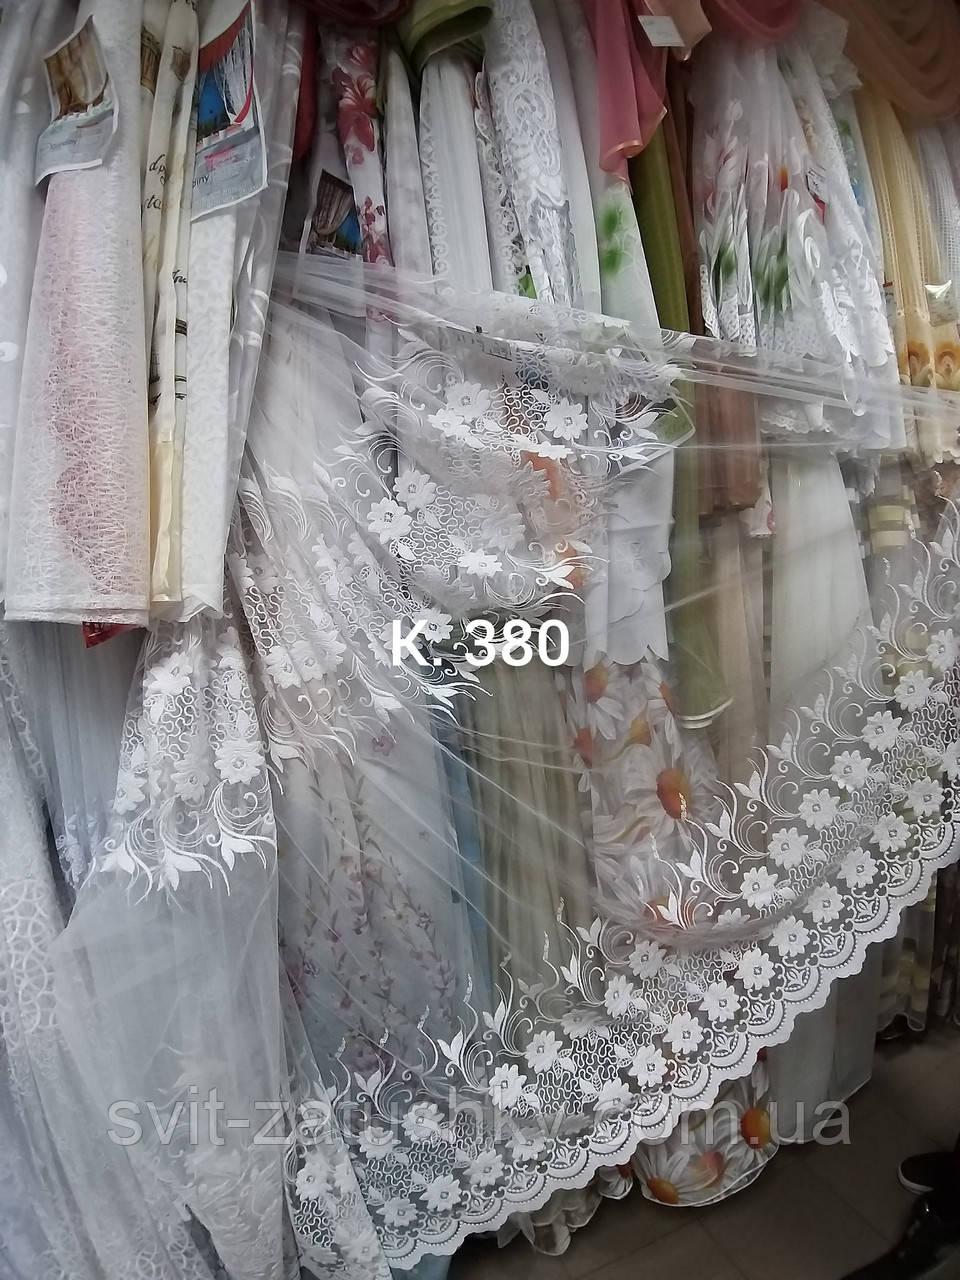 Гардина біла з вишивкою фатинова /Тюль белая с вышивкой на сетке